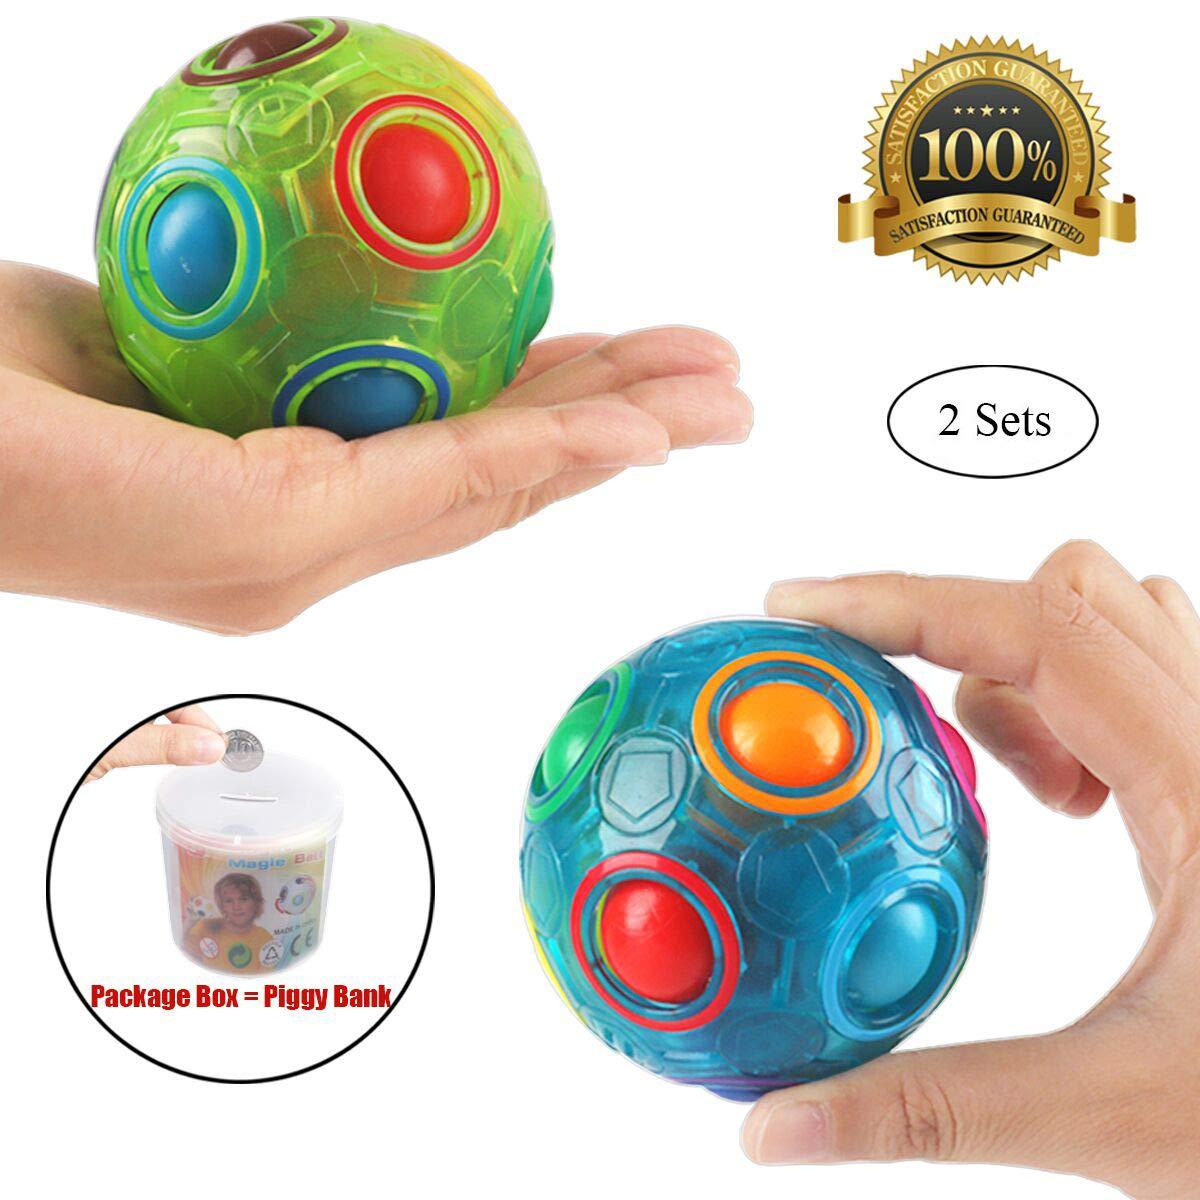 2PCS Regenbogen Ball Magic Ball Spielzeug Puzzle Magic Rainbow Ball für Kinder Pädagogisches Spielzeug Jugendliche Erwachsene Stress Reliever Malloom Pop Luminous Stressabbau (Blau und Weiß)